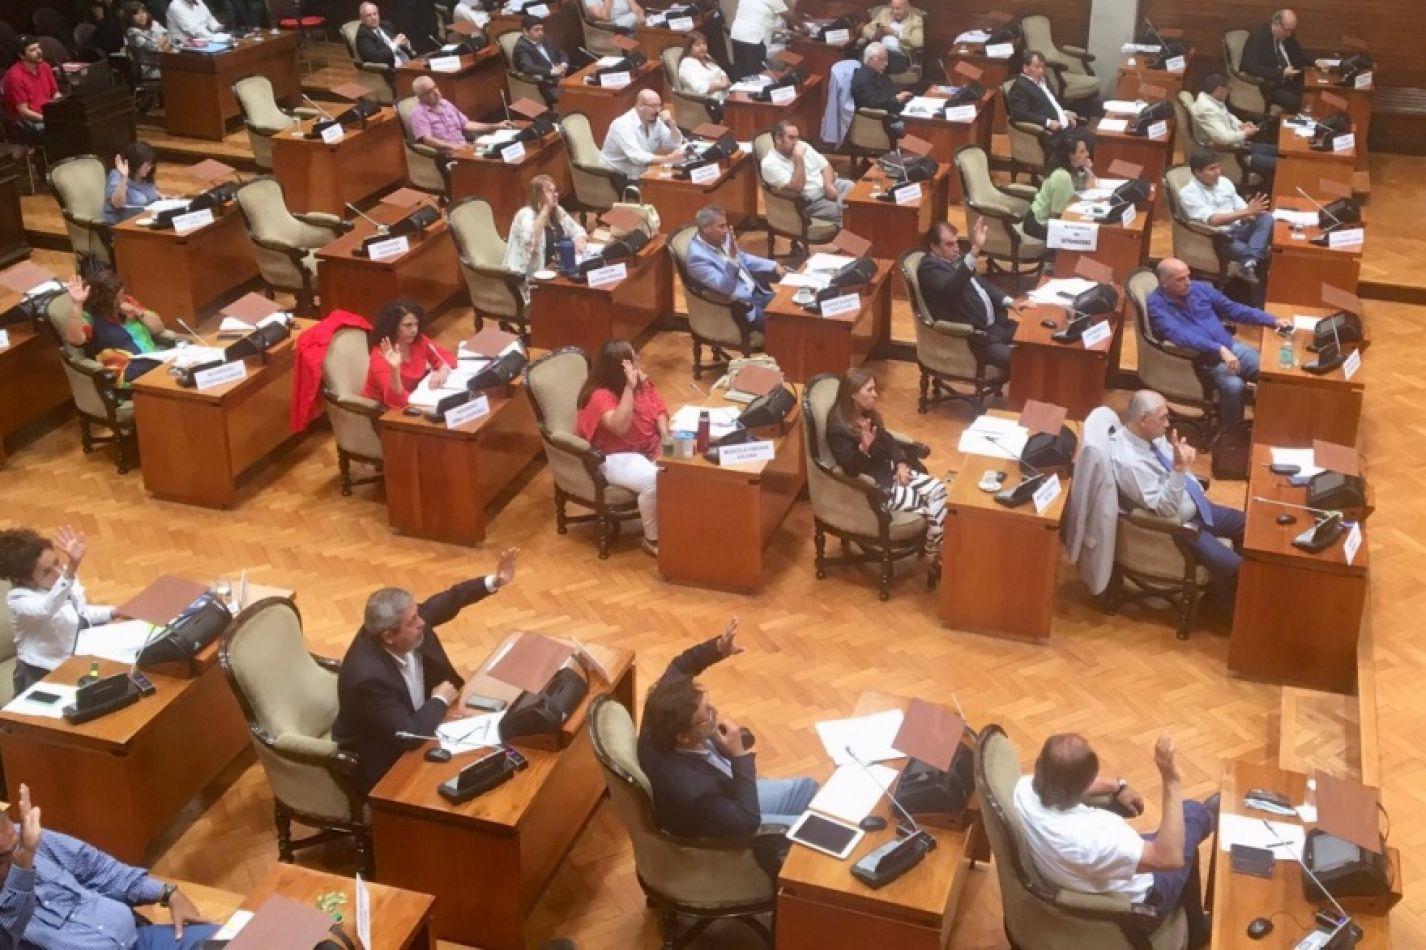 Aprueba el cobro de un seguro destinado a extranjeros que requieran atención médica en hospitales y centros de salud de Jujuy.